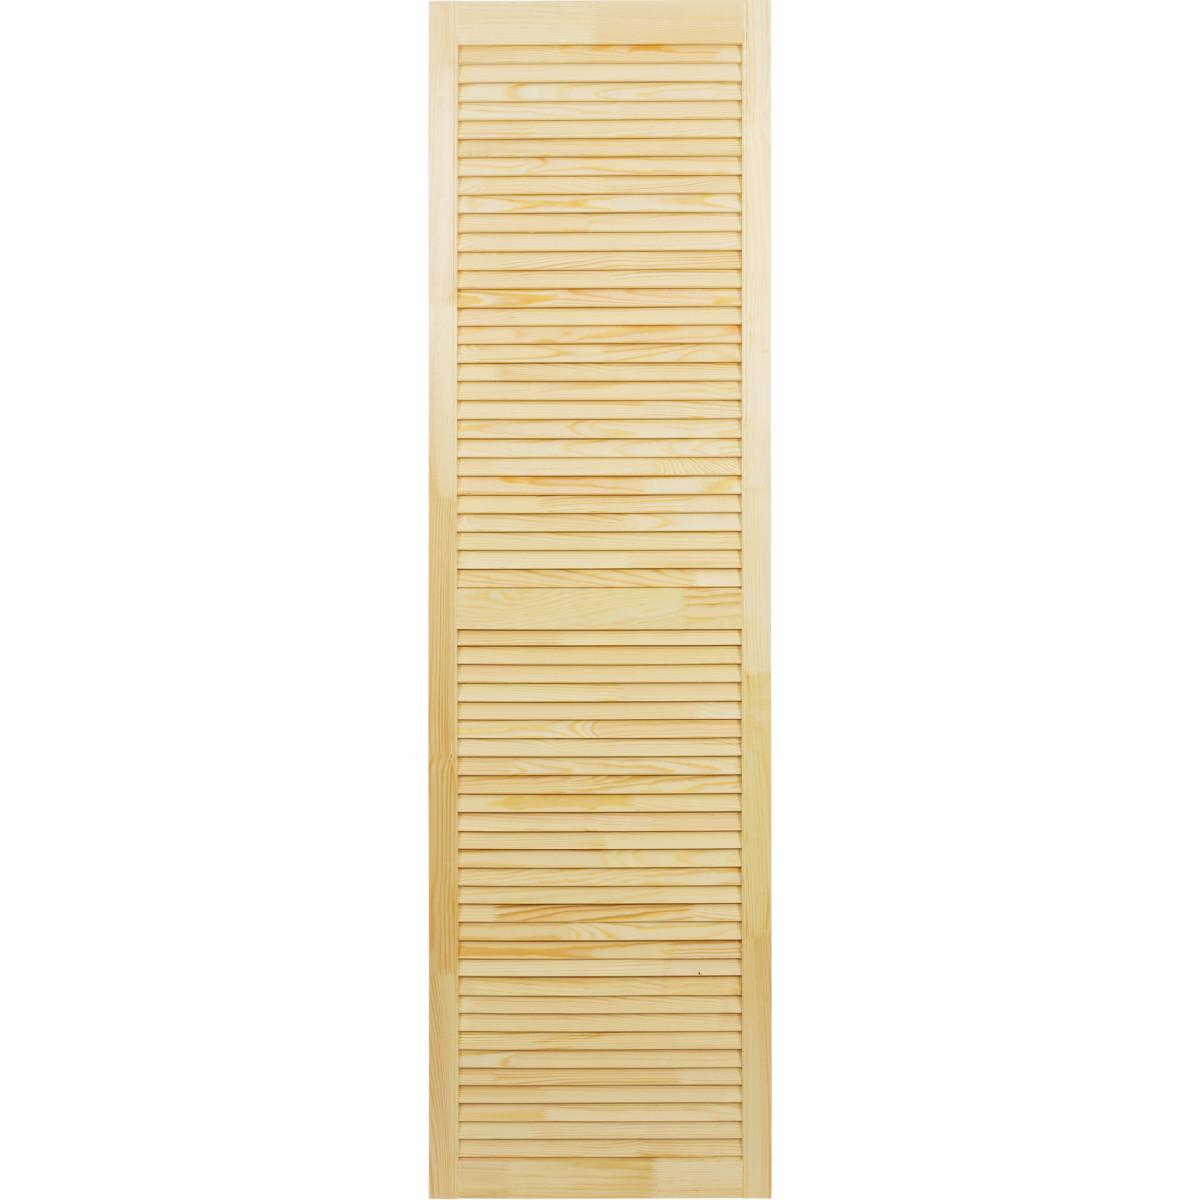 Дверка жалюзийная 1805х494х20 мм хвоя сорт А